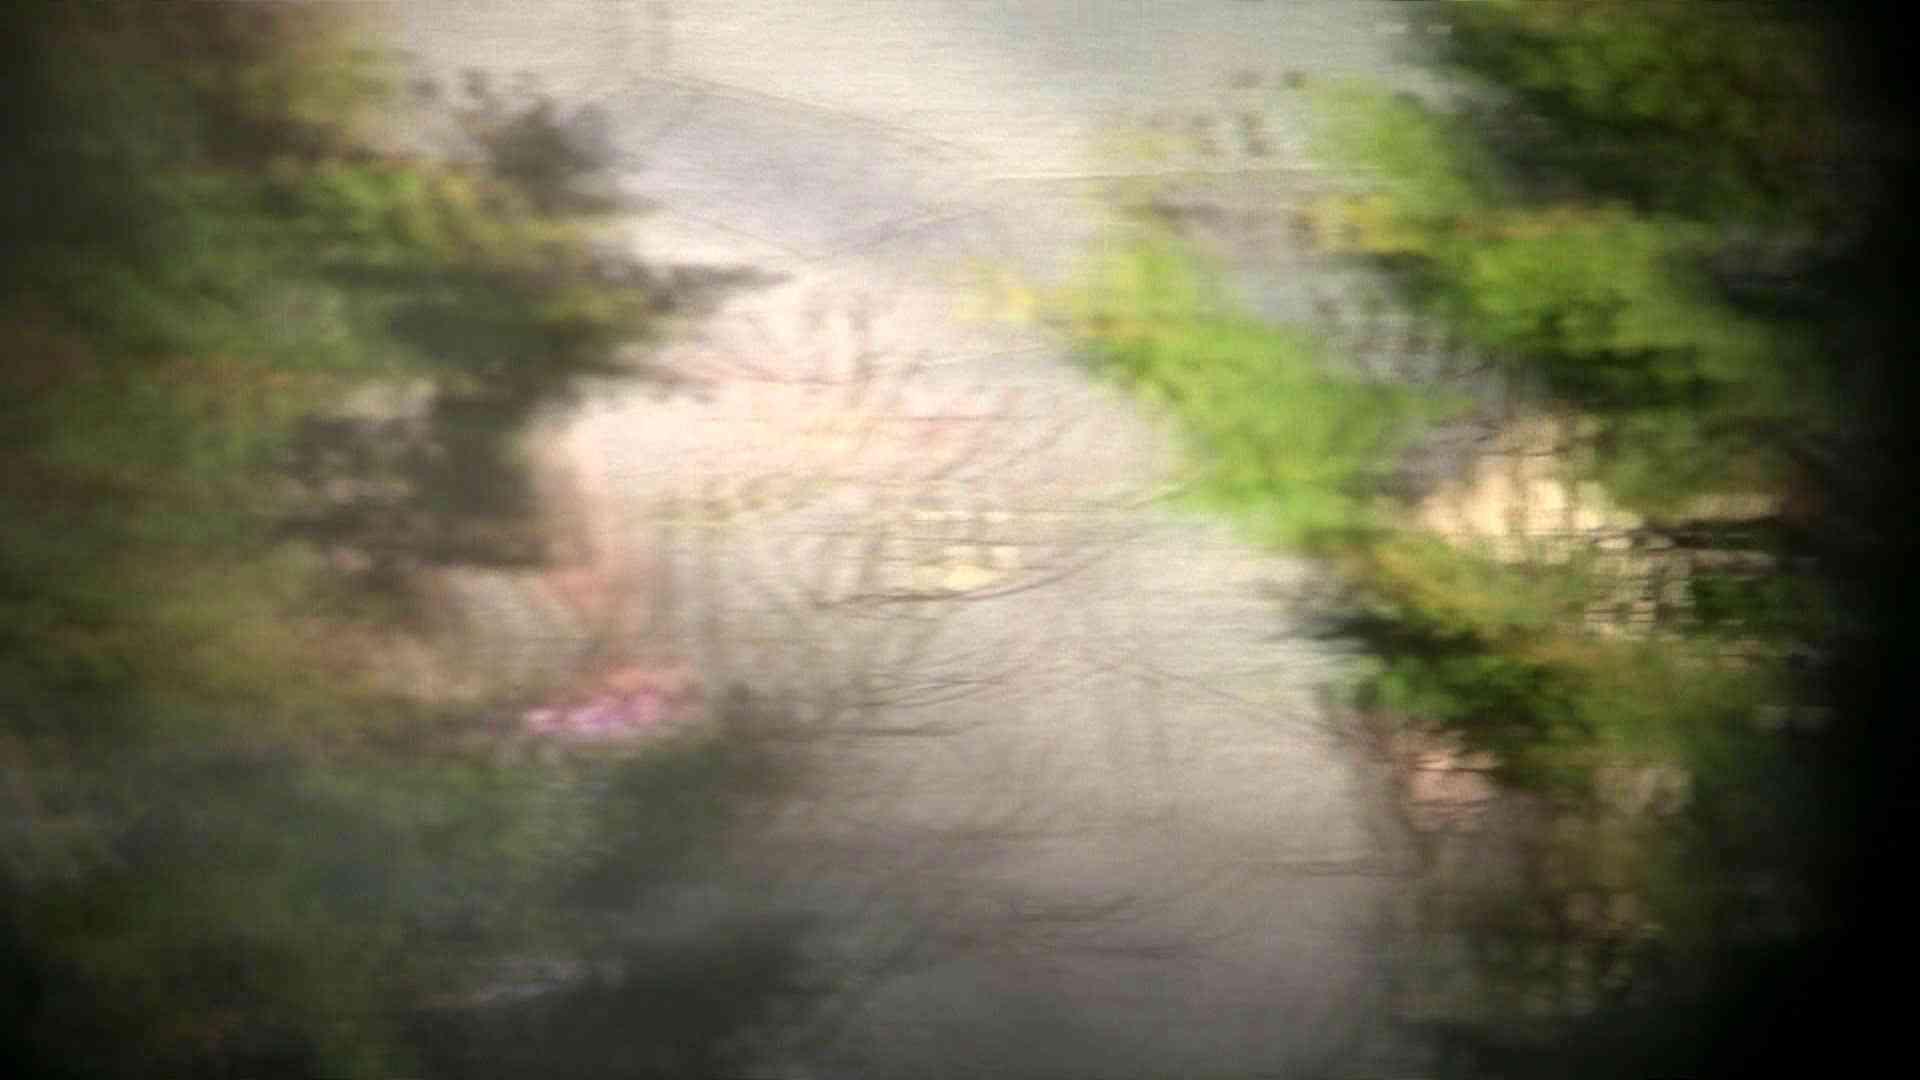 高画質露天女風呂観察 vol.005 女風呂着替え編 のぞき動画キャプチャ 39連発 22